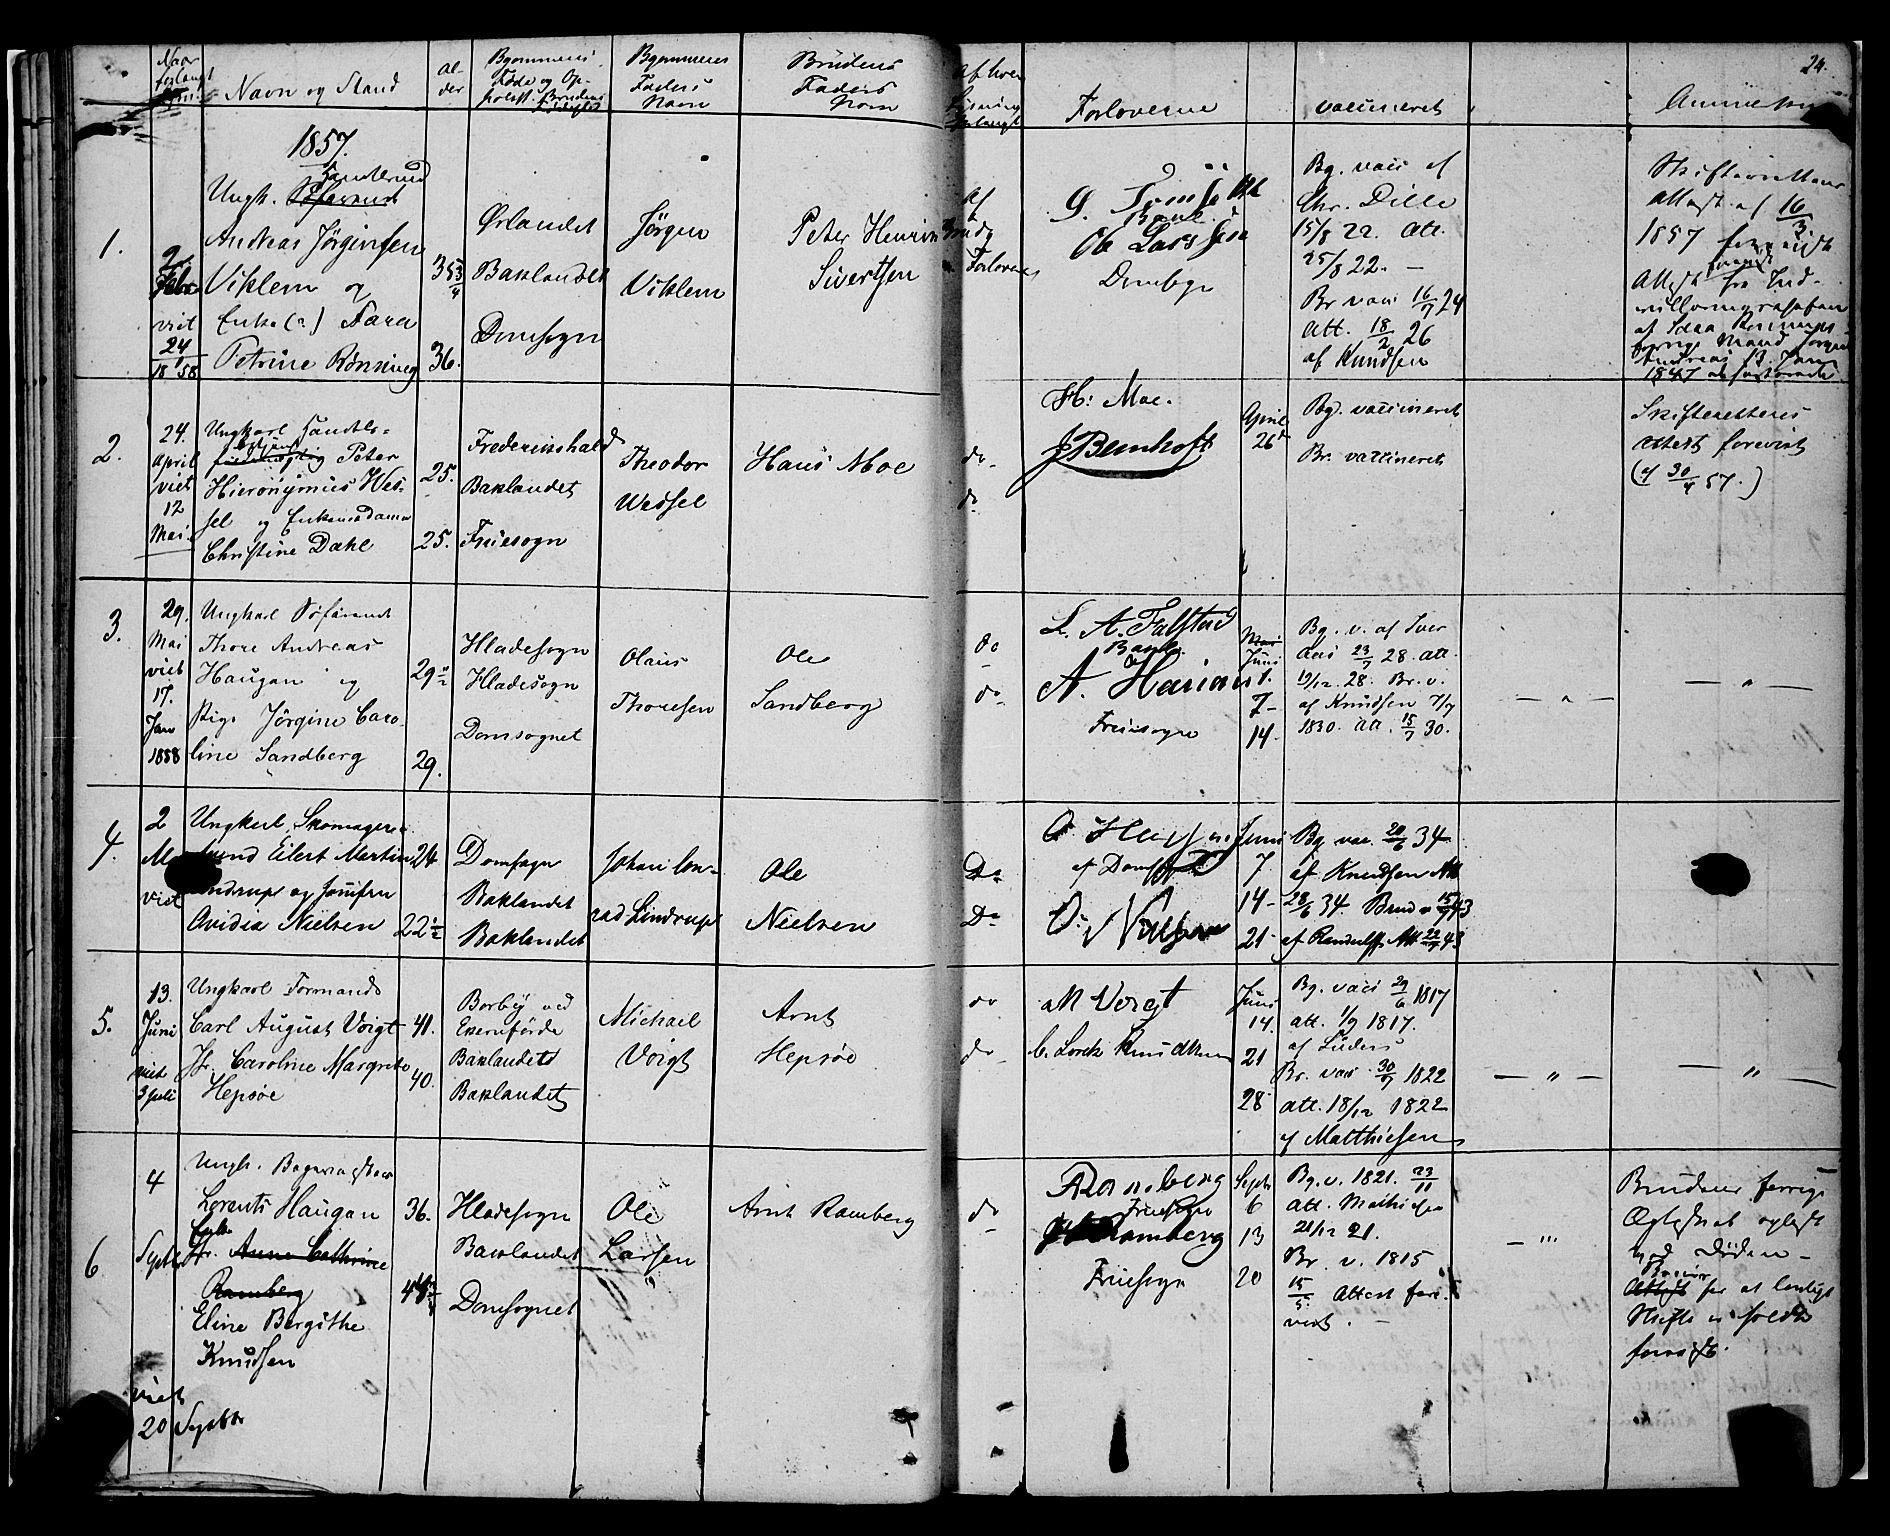 SAT, Ministerialprotokoller, klokkerbøker og fødselsregistre - Sør-Trøndelag, 604/L0187: Ministerialbok nr. 604A08, 1847-1878, s. 24